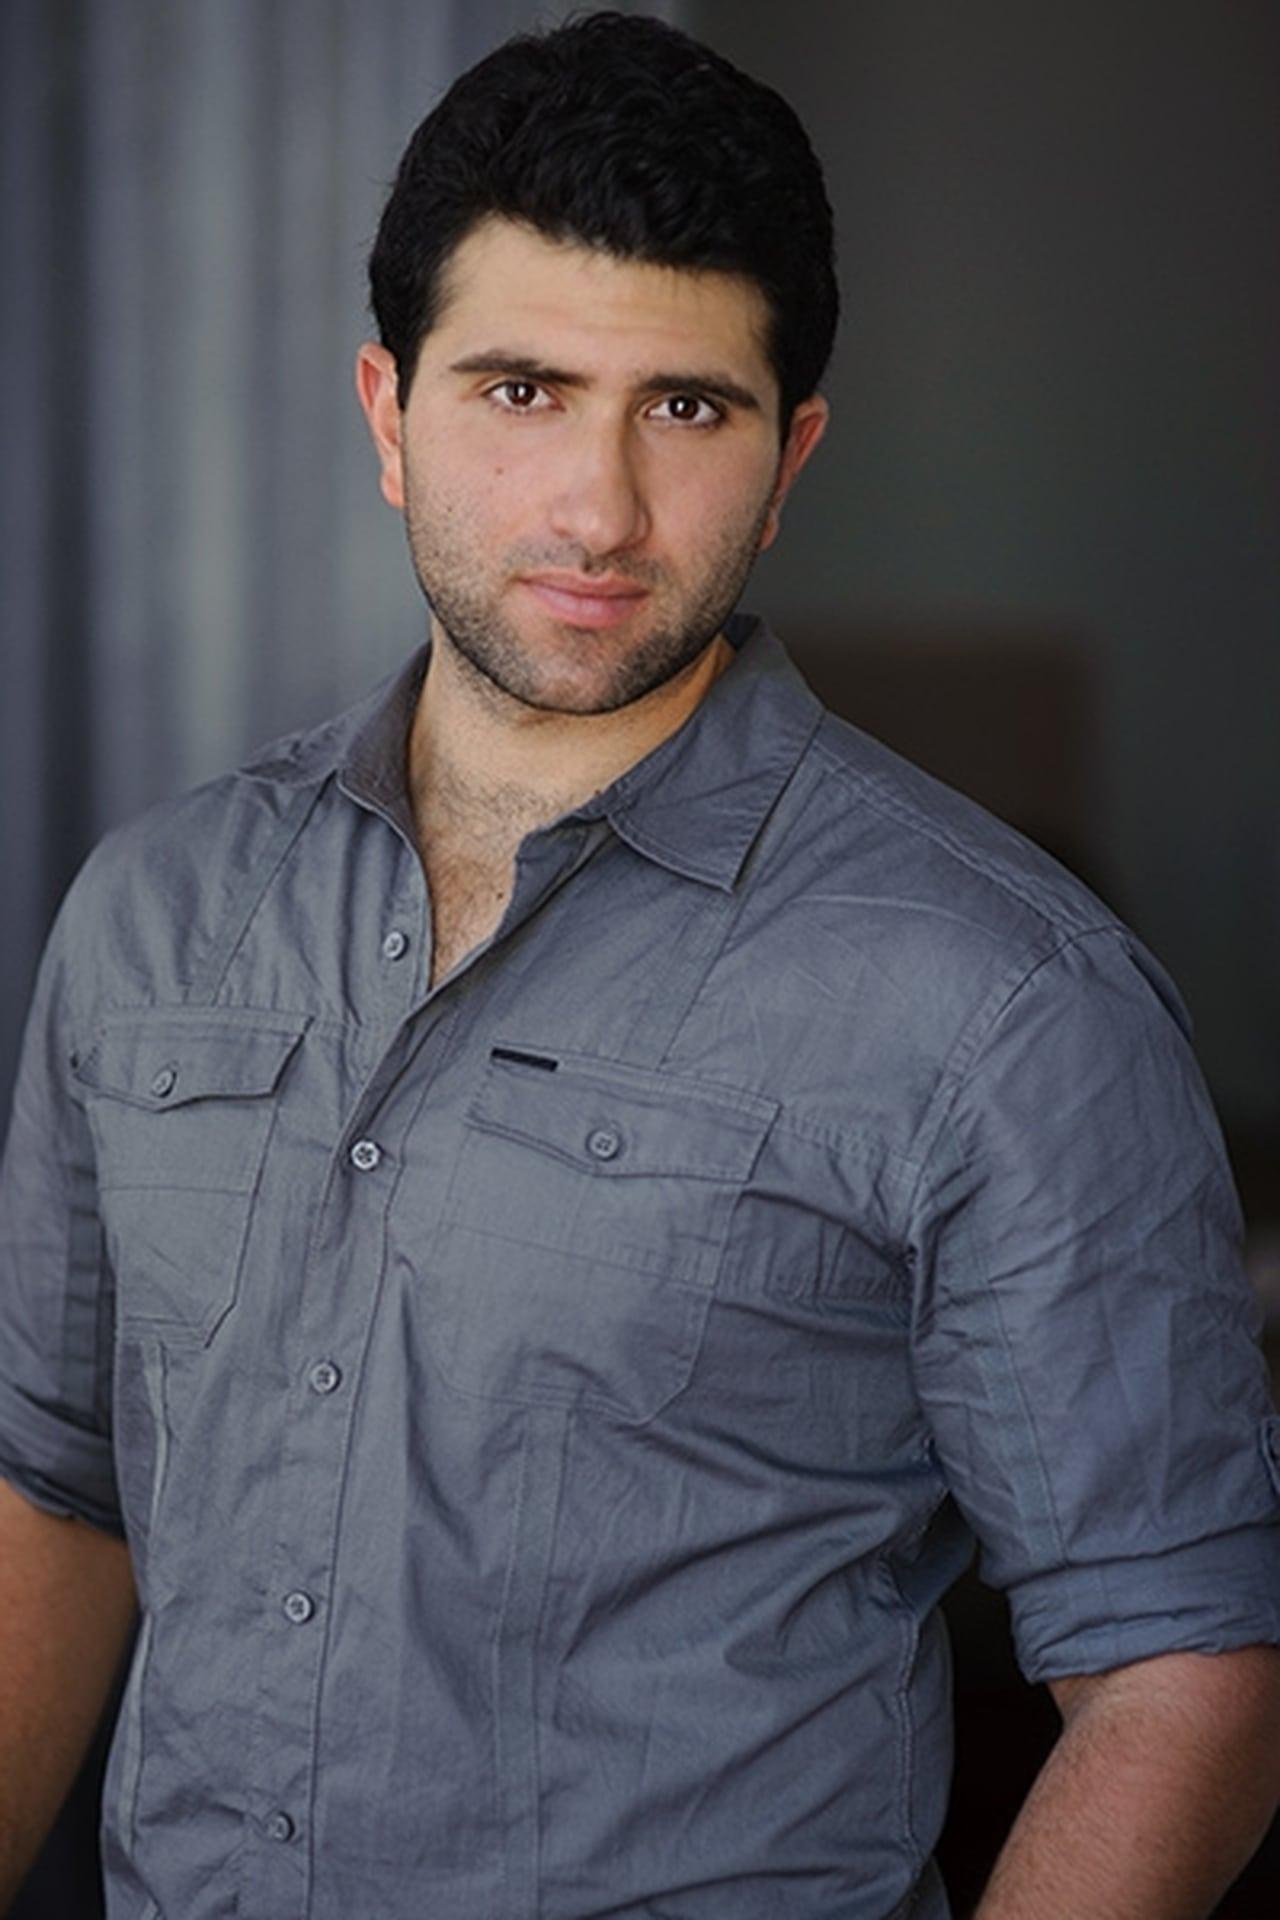 Corey Pierno